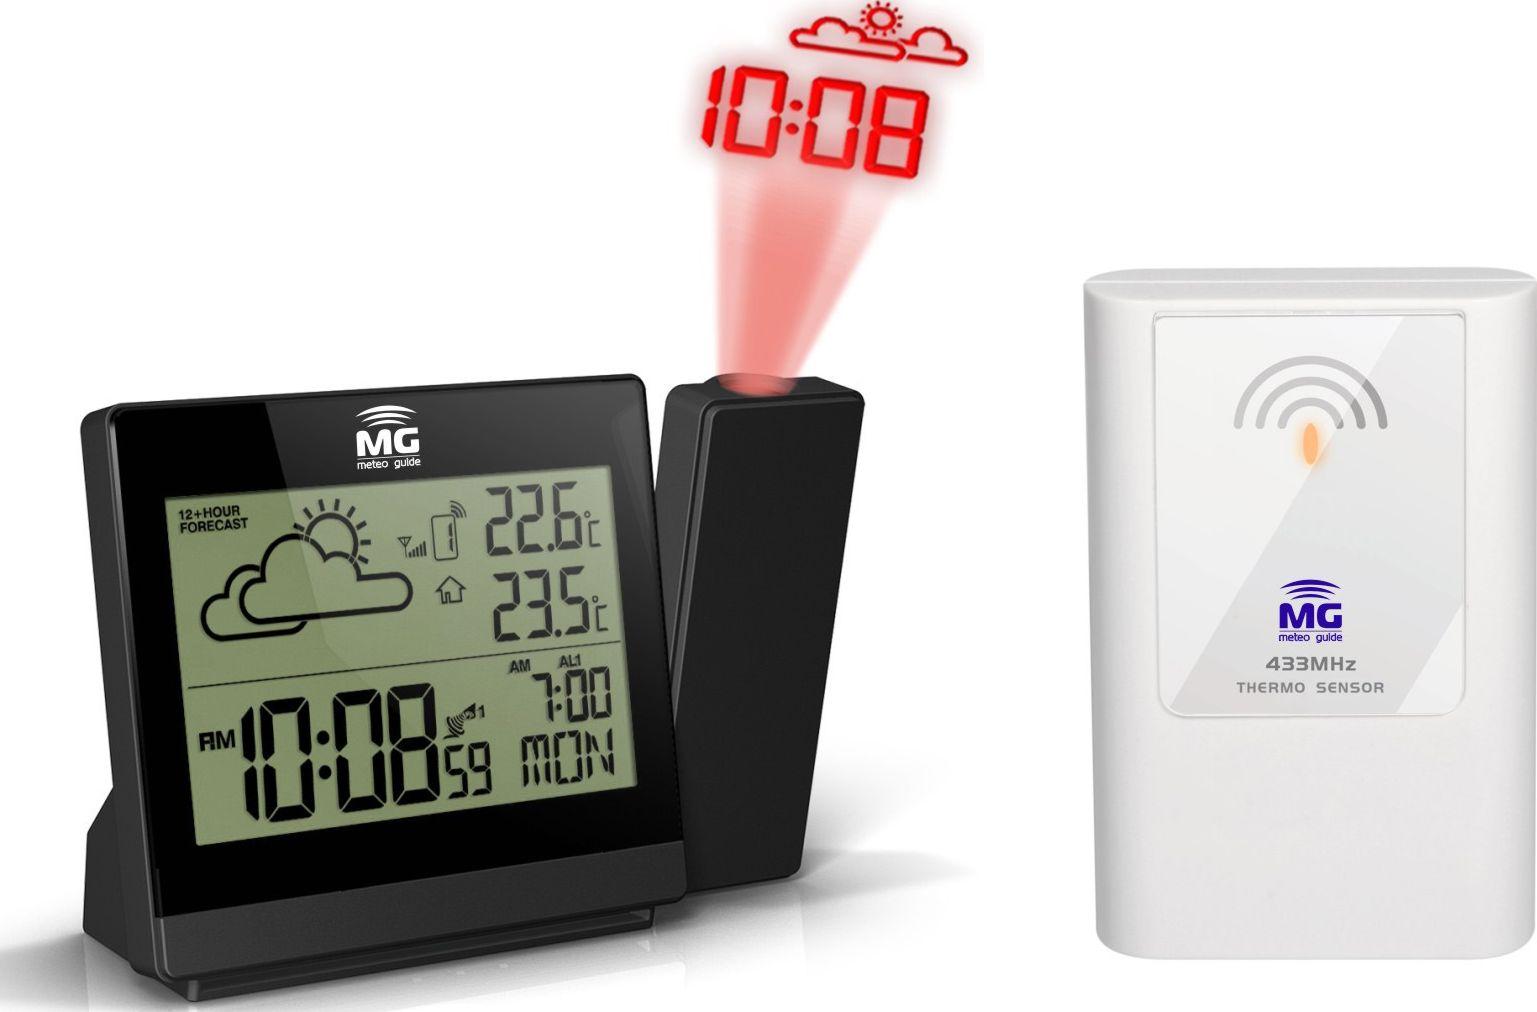 MG 01501, Black проекционные часы01501Проекционные часы MG 01501 - миниатюрные, наделенные привлекательным дизайном проекционные метеочасы являются отличным устройством, позволяющим в домашних условиях определять температурные показатели воздуха, как в помещении, так и на улице (до -50 С), а также атмосферное давление. В темное время суток на потолке или стене отображается проекция, на которой отчетливо видны определяемые показатели. Учитывая, что прогноз погоды определяется на ближайшие 12 часов, можно без труда предусмотреть необходимость брать с собой зонт, одевать ту или иную одежду и обувь. Особенно данная функция по достоинству ценится семьями, где есть дети. Эта изящная модель занимает совсем немного места, что приятно порадует потребителей. При отличной функциональности стоимость домашней метеостанции невысокая.Модель MG 01501- снабжена следующими компонентами:? Проекция времени и анимационного прогноза погоды в темное время суток не потолок или стену? Легкая настройка фокуса и положения проецируемого изображения, возможность поворота на 180°? Температура внутри помещения, тенденция ее изменения? Температура вне помещения, тенденция ее изменения? Два независимых друг от друга будильника? Система ICE-ALERT-предупреждение об обледененииВся информация выводится моментально на отлично читаемый дисплей.